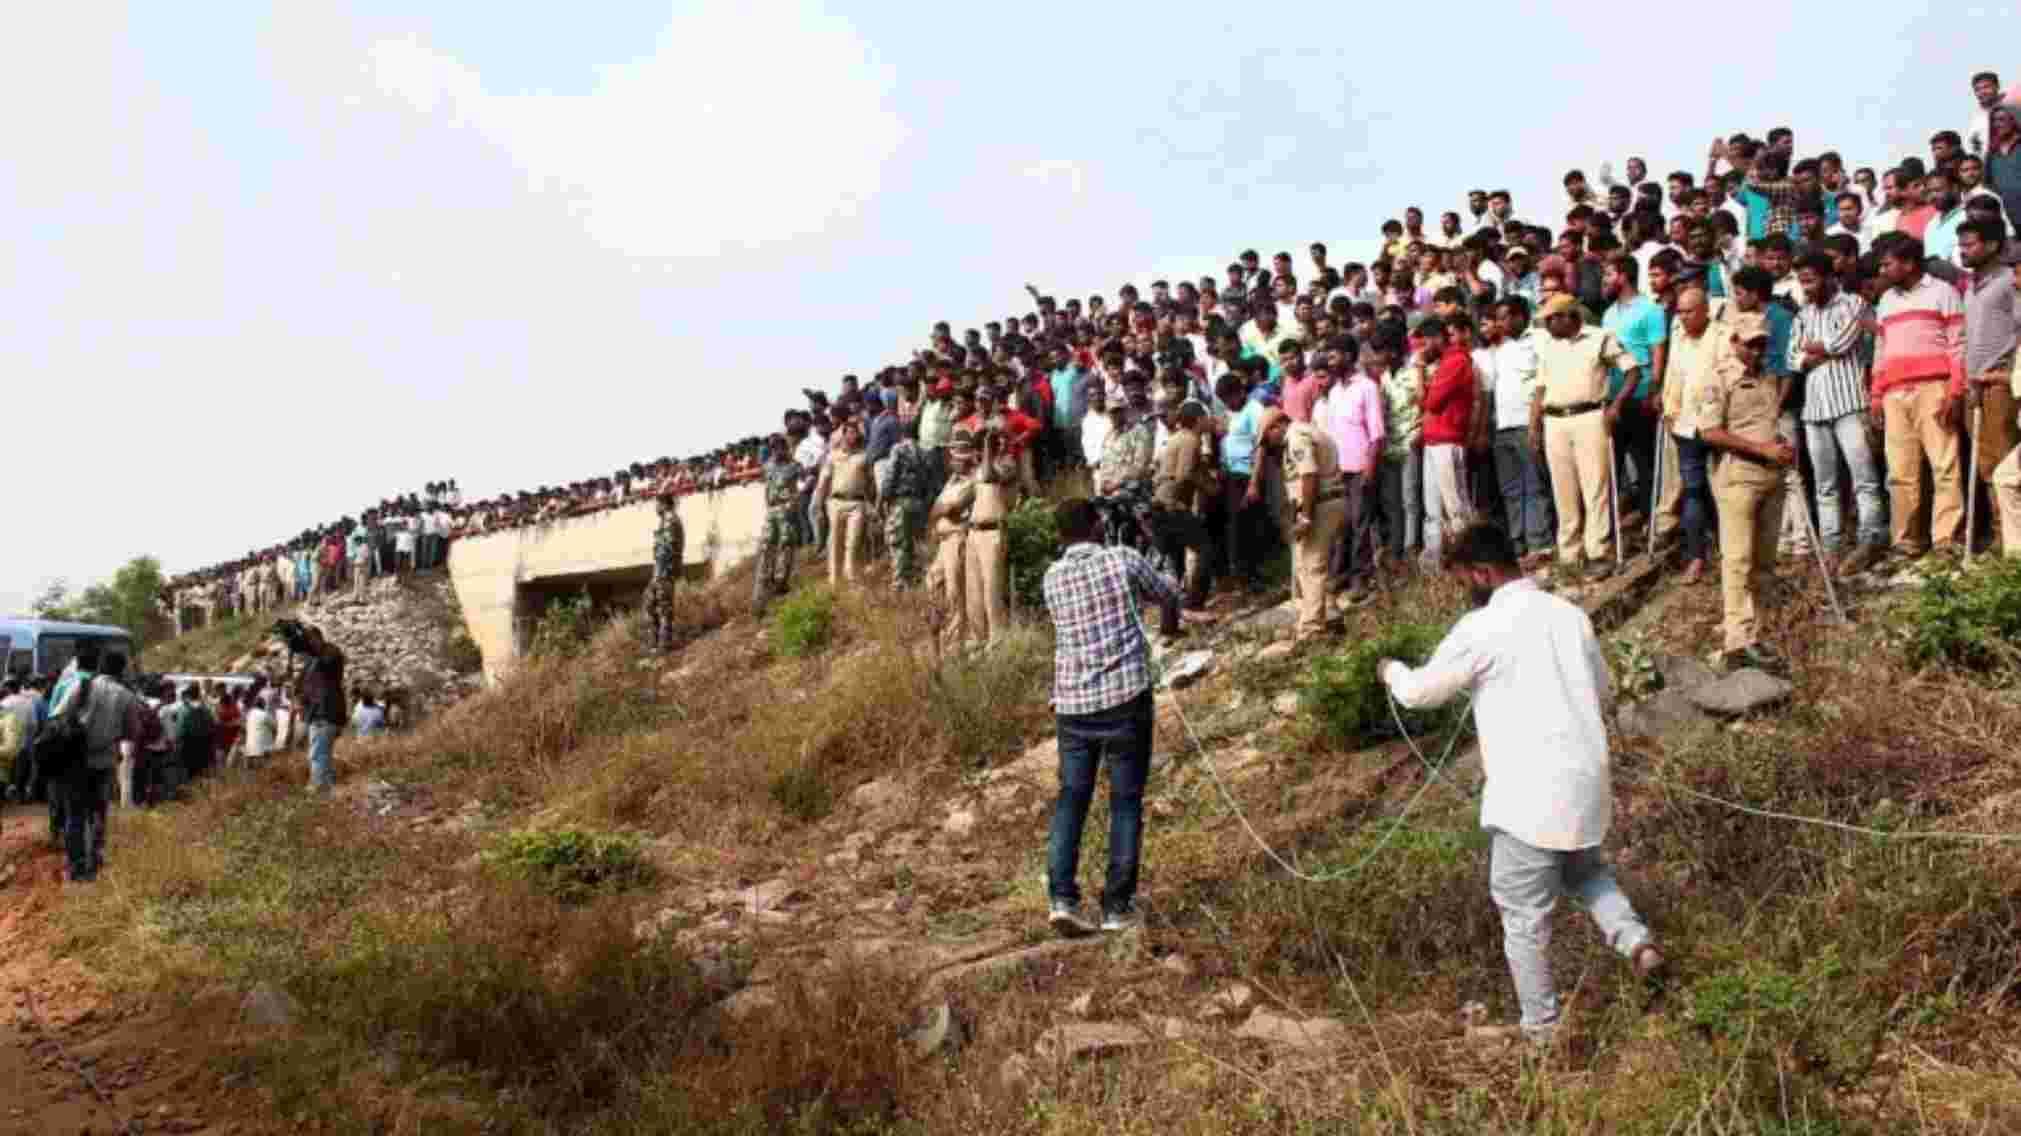 तेलंगाना हाईकोर्ट ने हैदराबाद मुठभेड़ मामले का संज्ञान लिया, शवों को 9 दिसंबर तक संरक्षित रखने के निर्देश